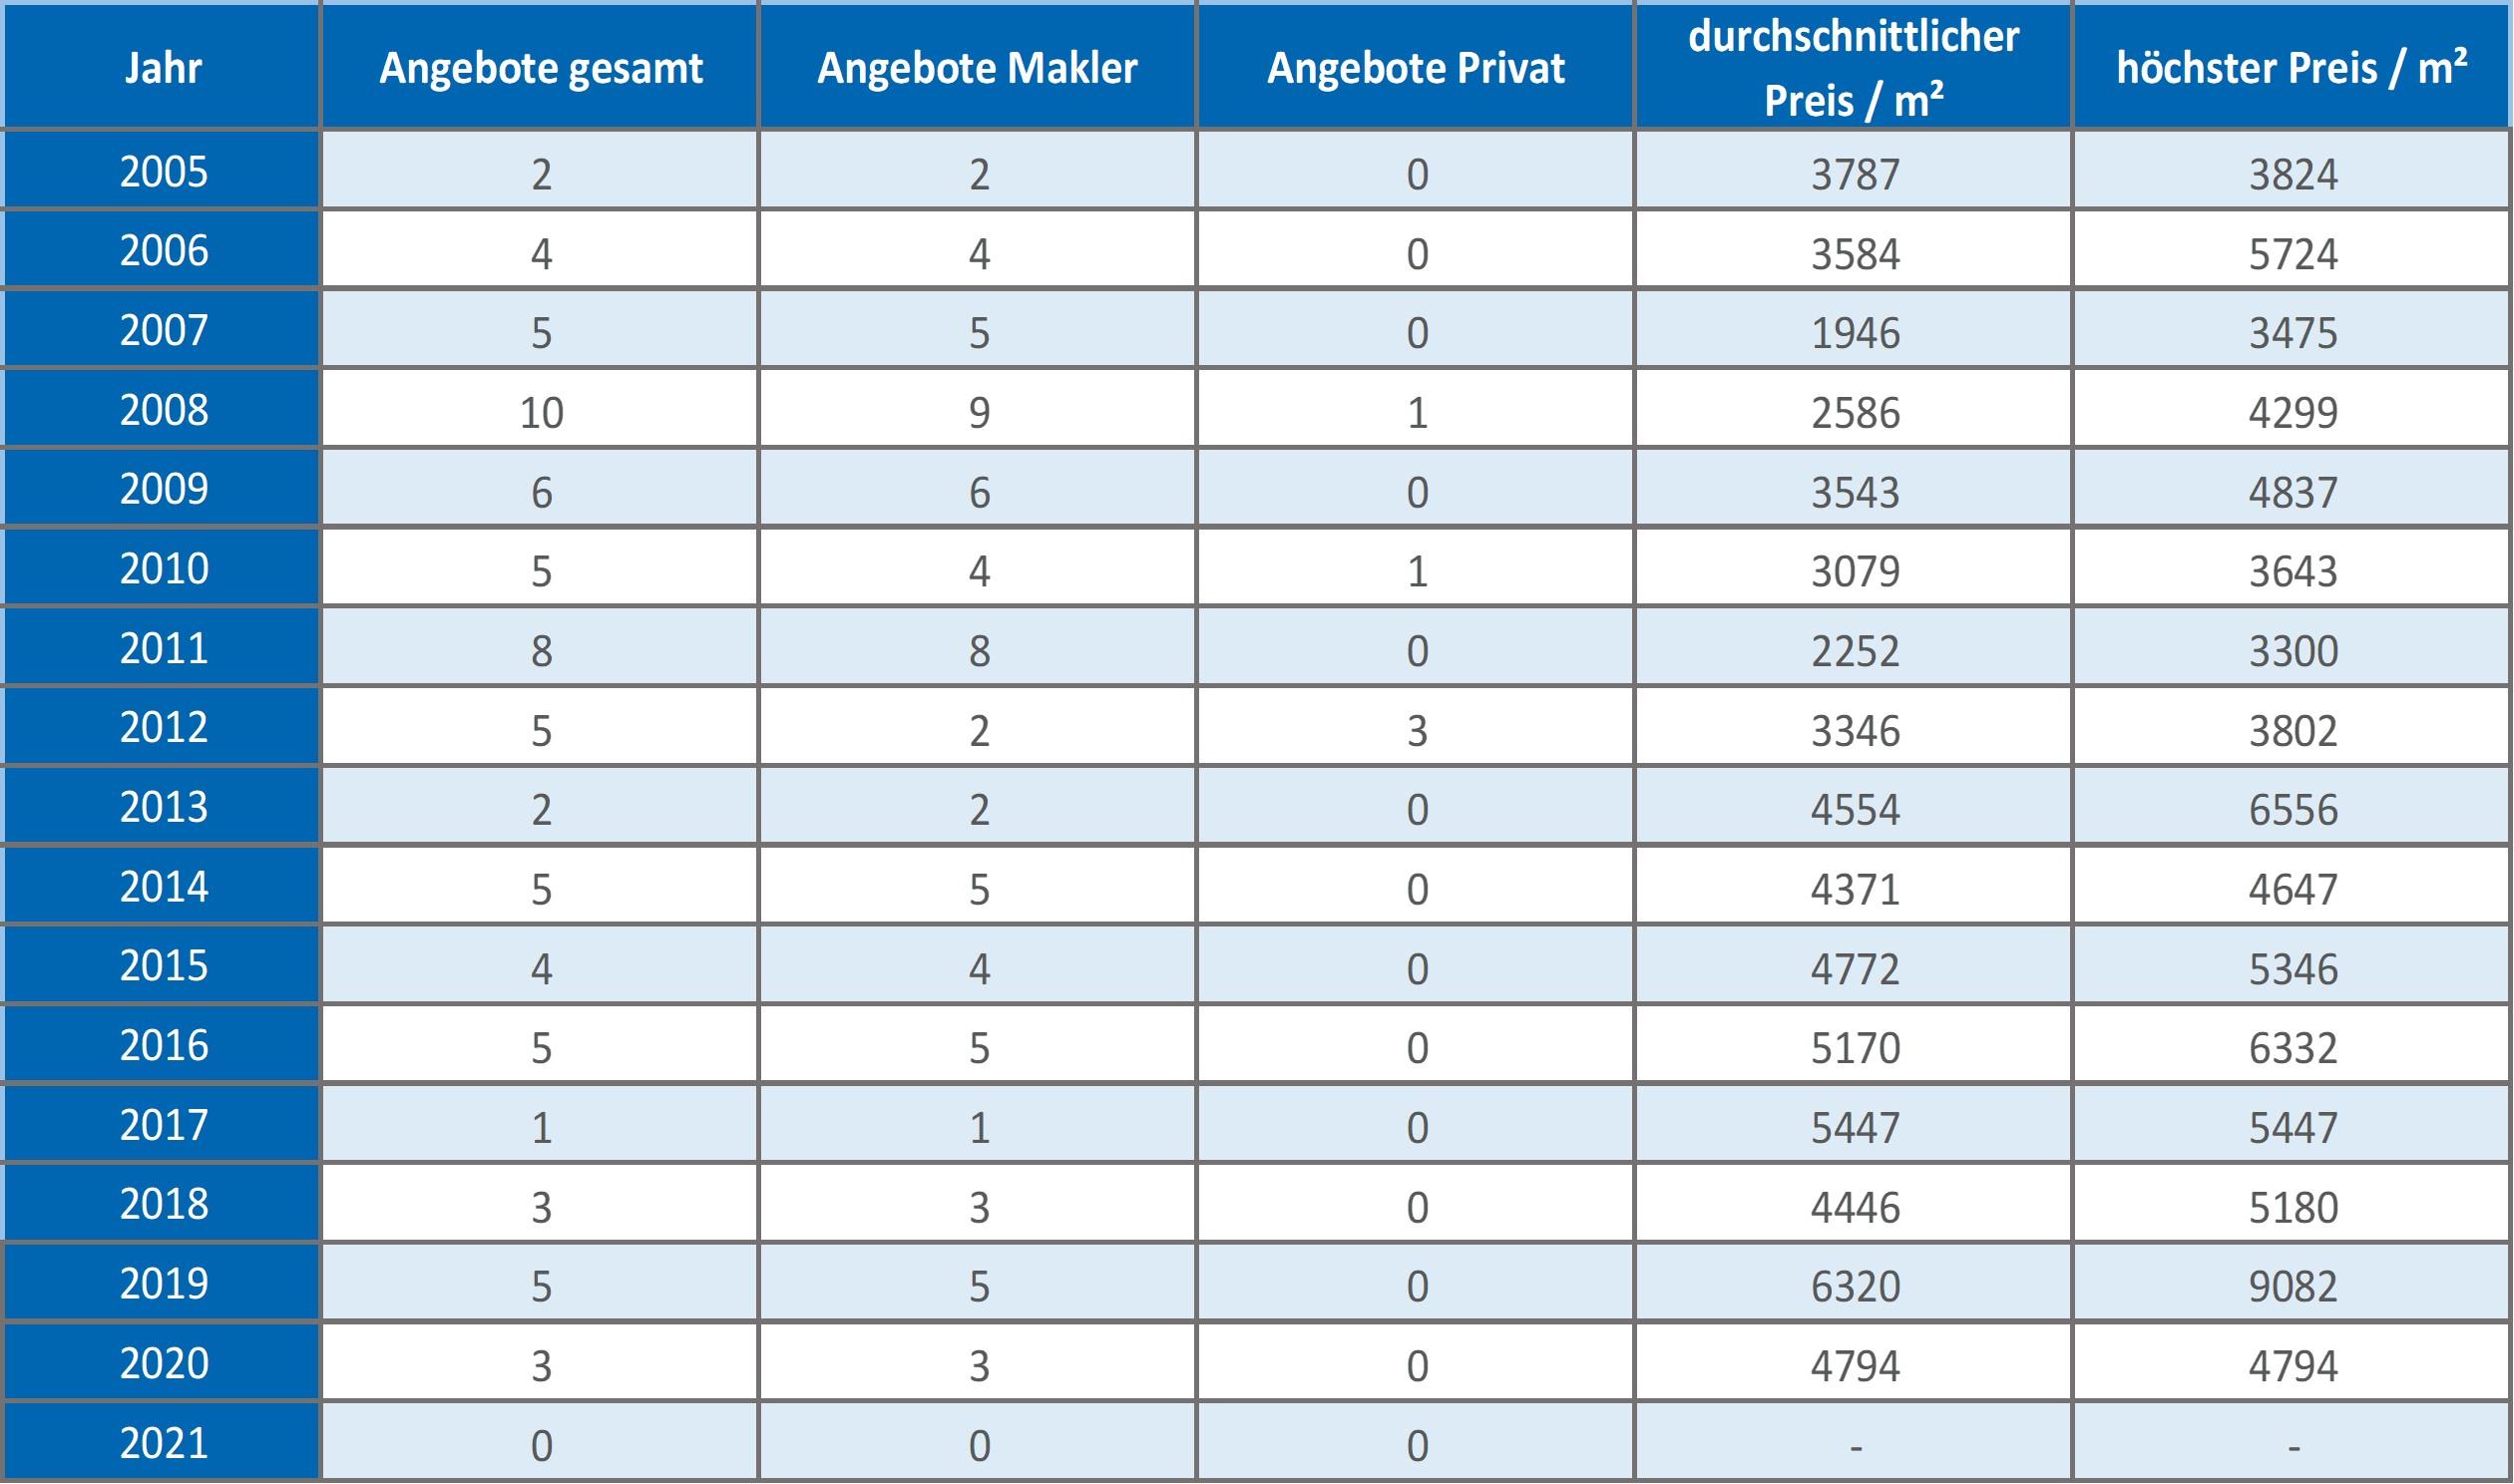 Unterhaching-Maehrfamilienhaus-kaufen-verkaufen-Makler 2019 2020 2021